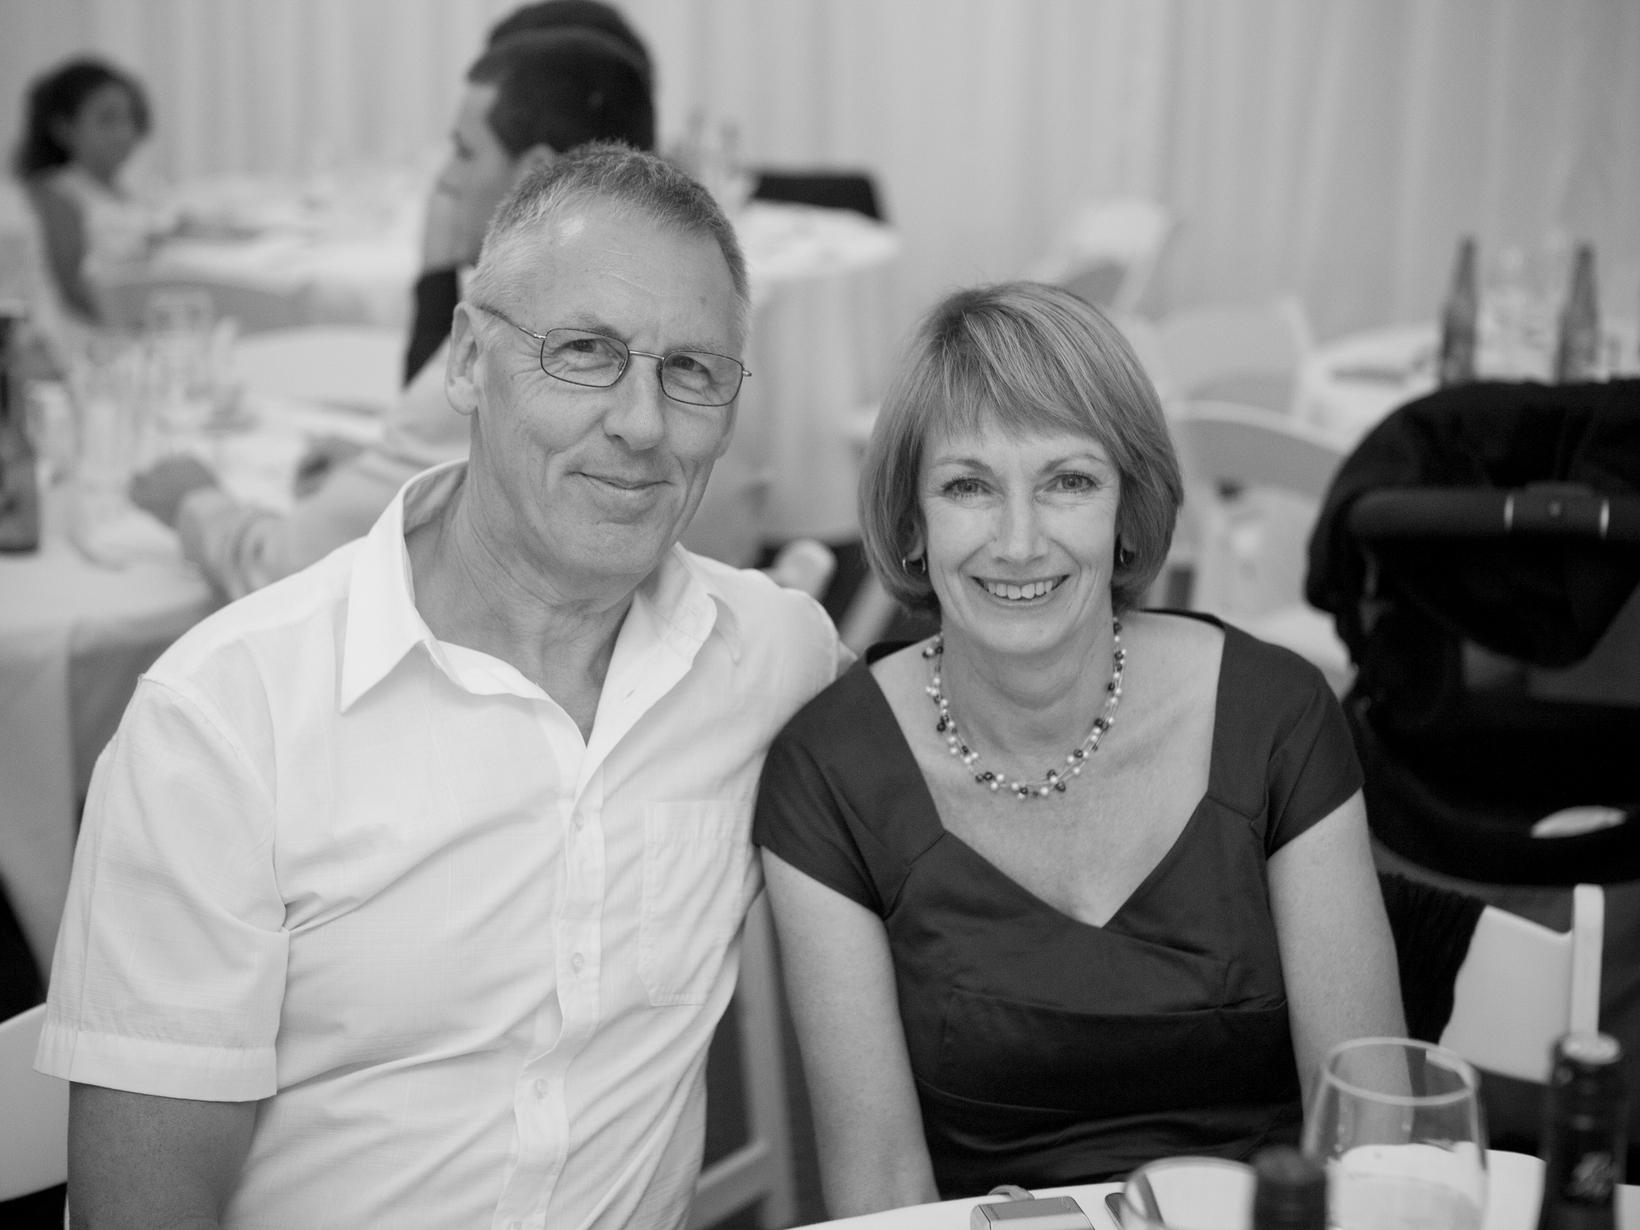 Mike & Jenny from Kerikeri, New Zealand